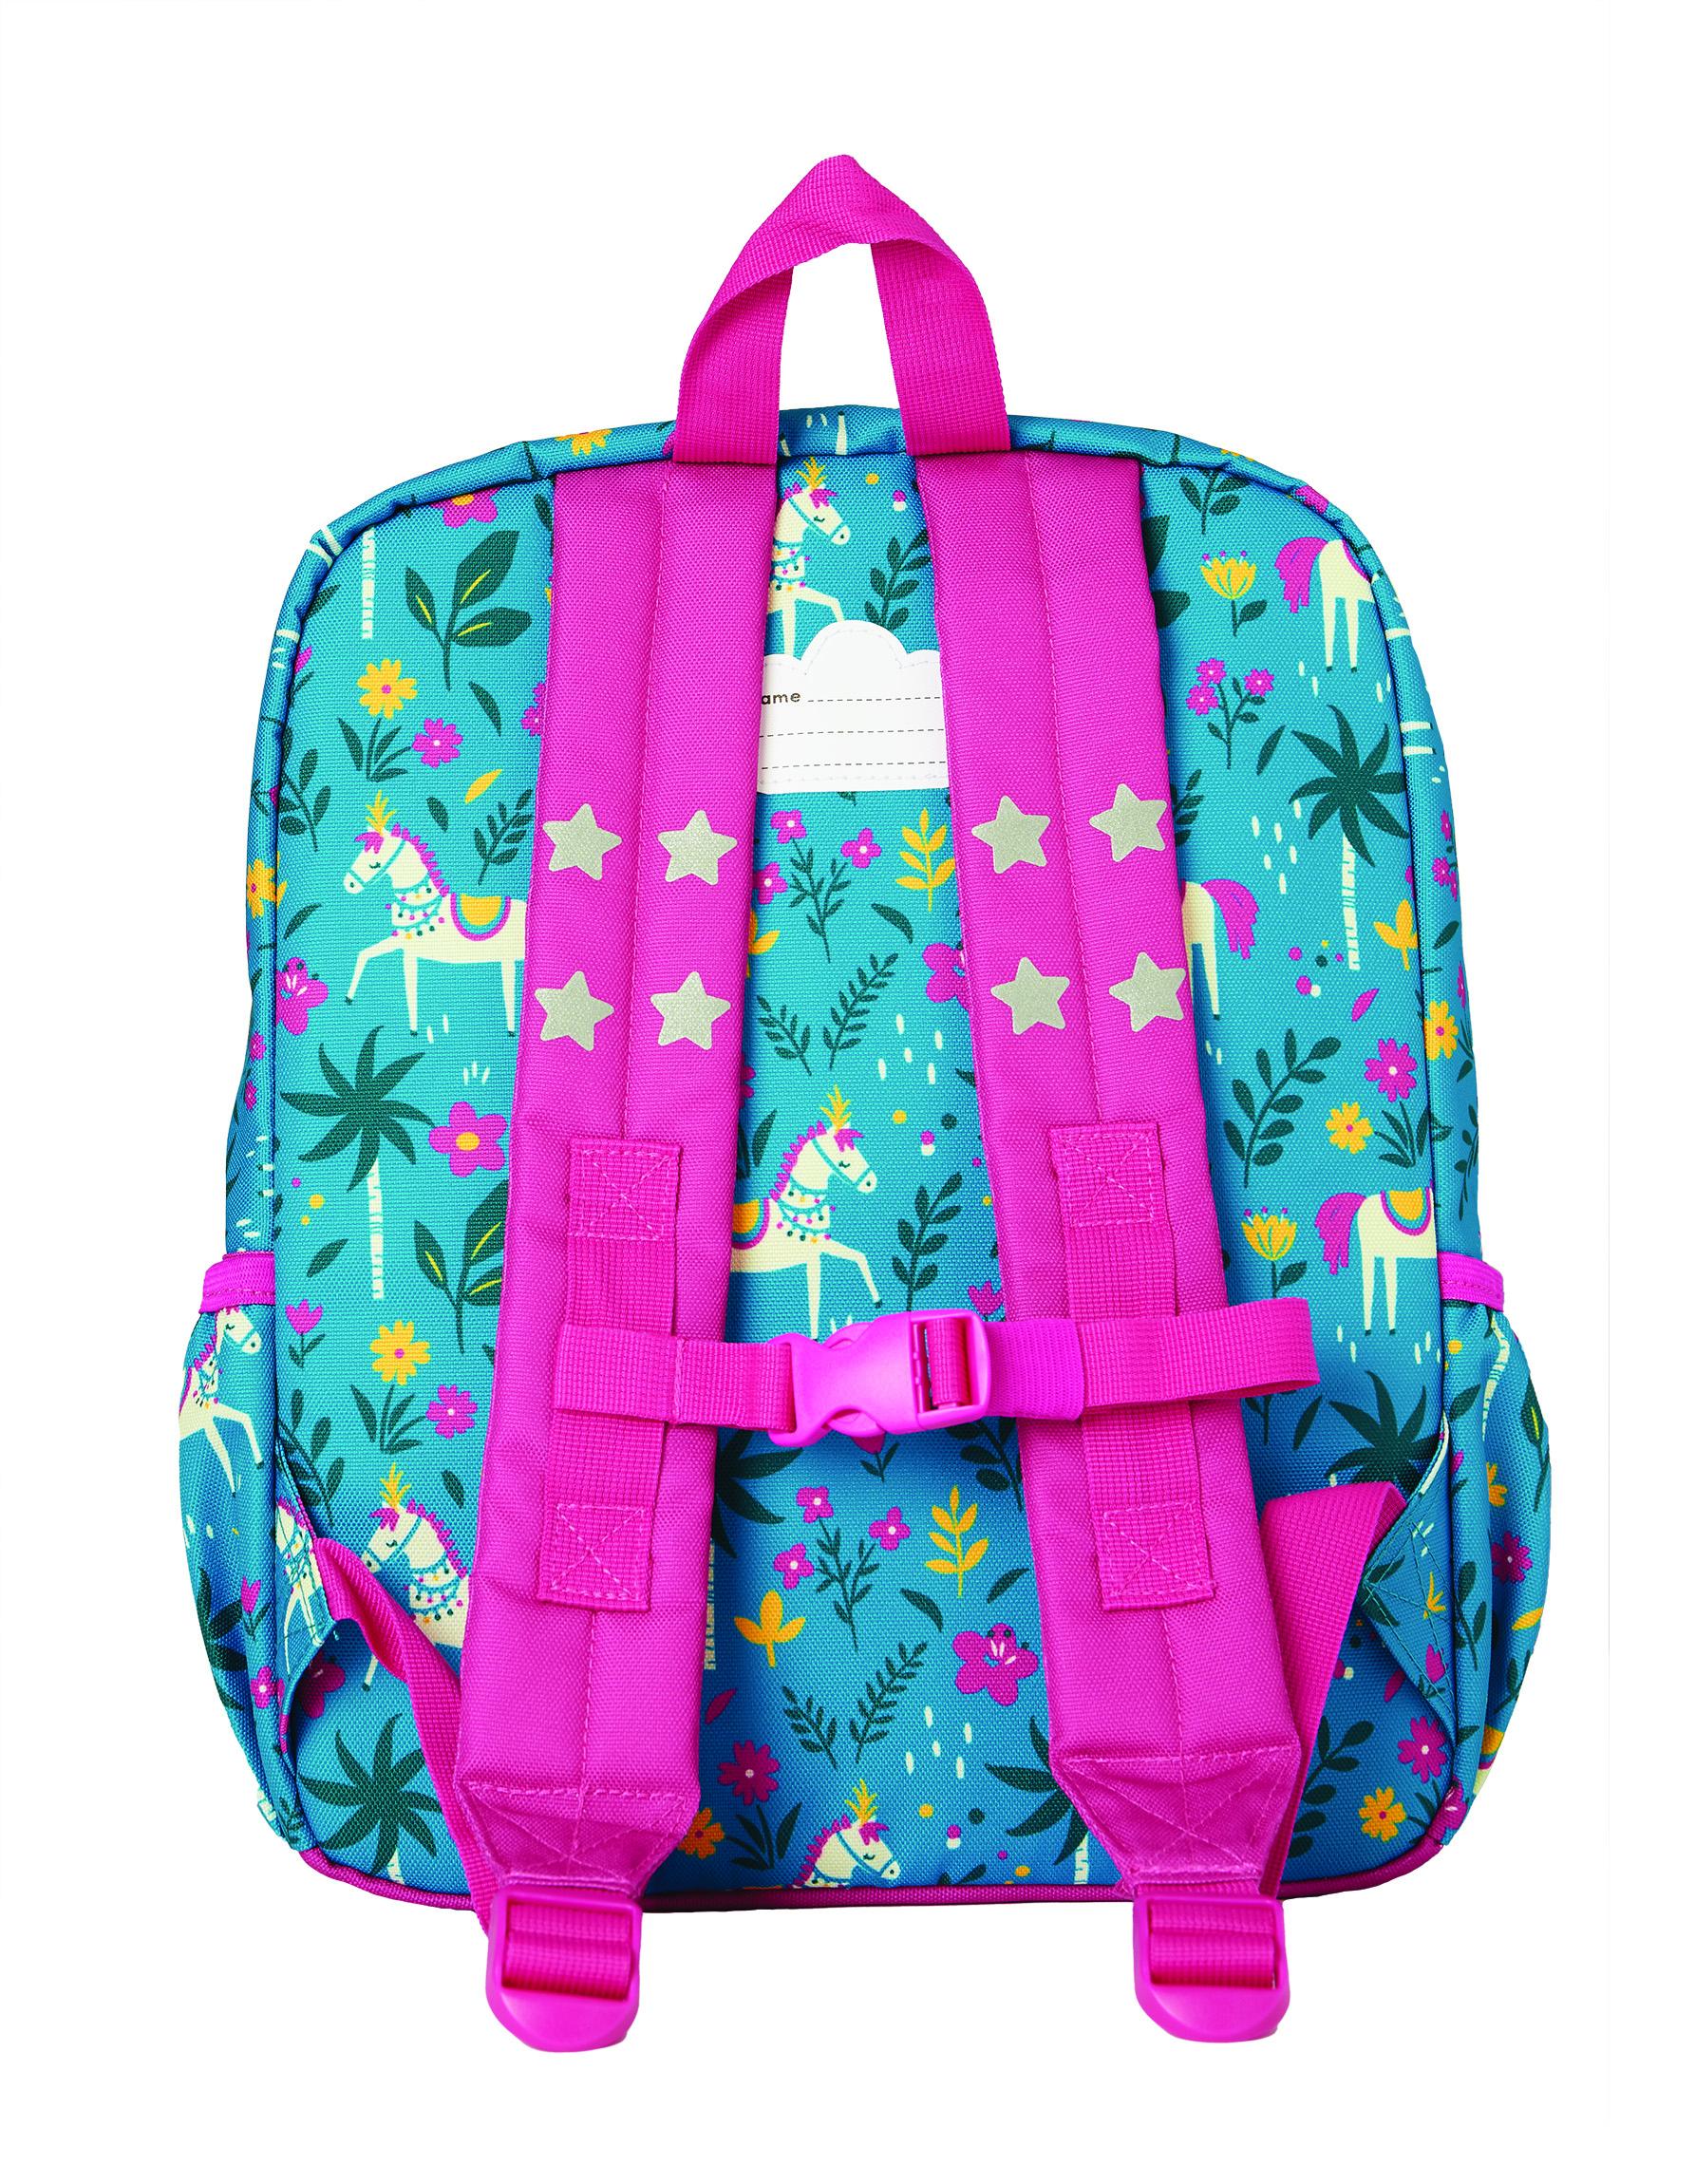 Frugi Adventurers Backpack, Teal Indian Horse